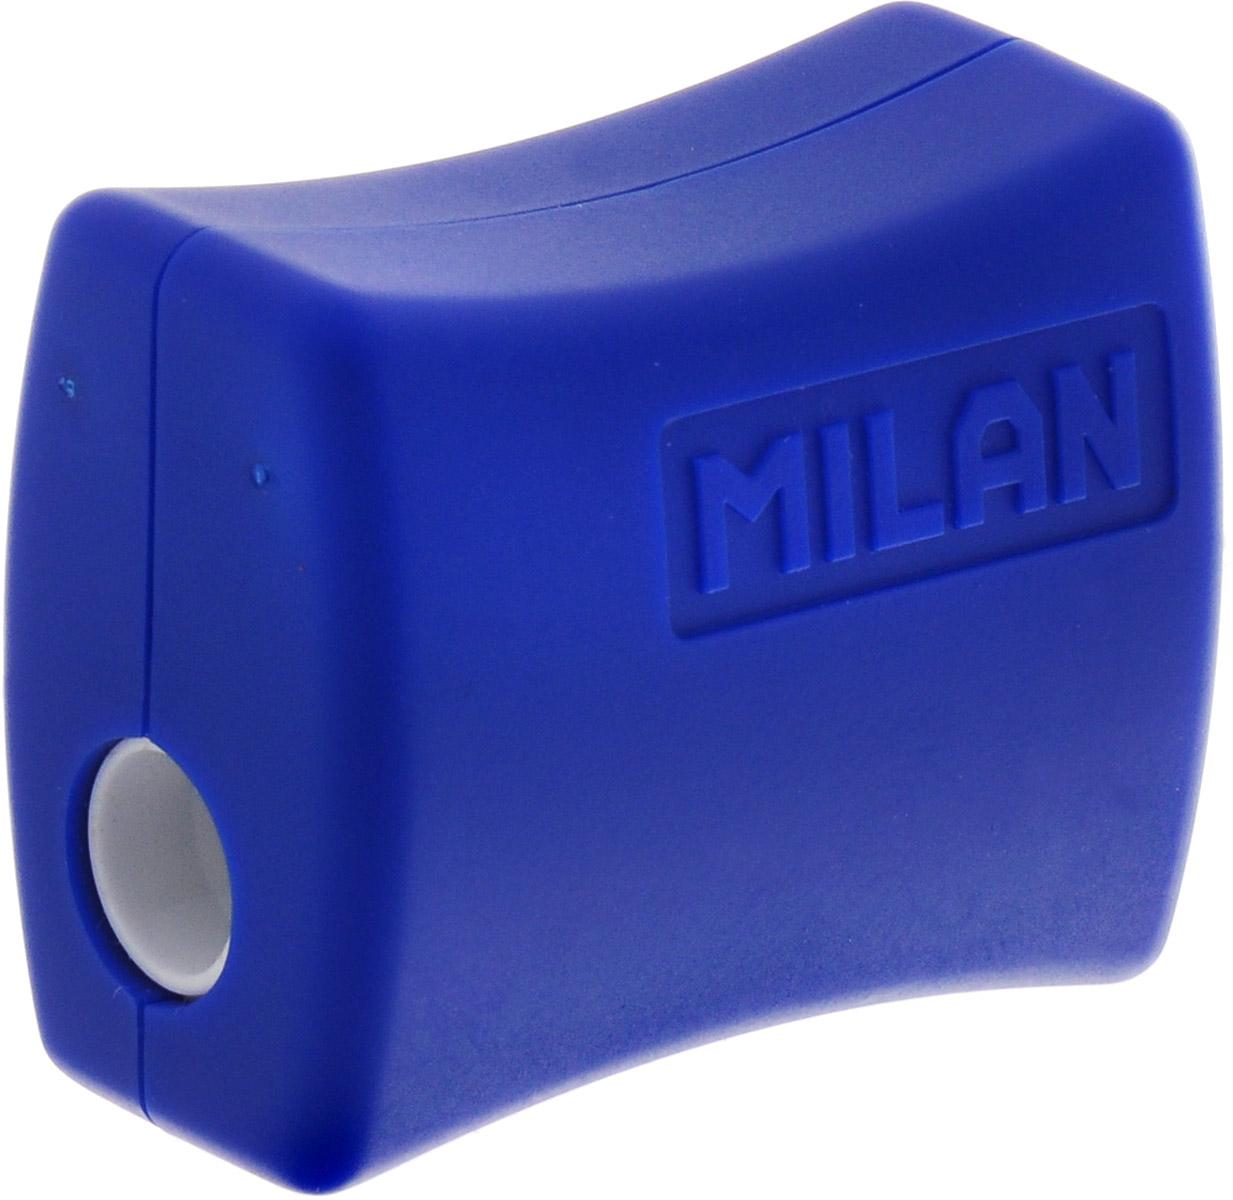 Milan Точилка Double с контейнером72523WDУдобная точилка Milan Double с контейнером оснащена безопасной системой заточки.Эта система предотвращает отделение лезвия от точилки. Идеально подходит для использования в школах. Стальное лезвие острое и устойчиво к повреждению. Идеально подходит для заточки графитовых и цветных карандашей